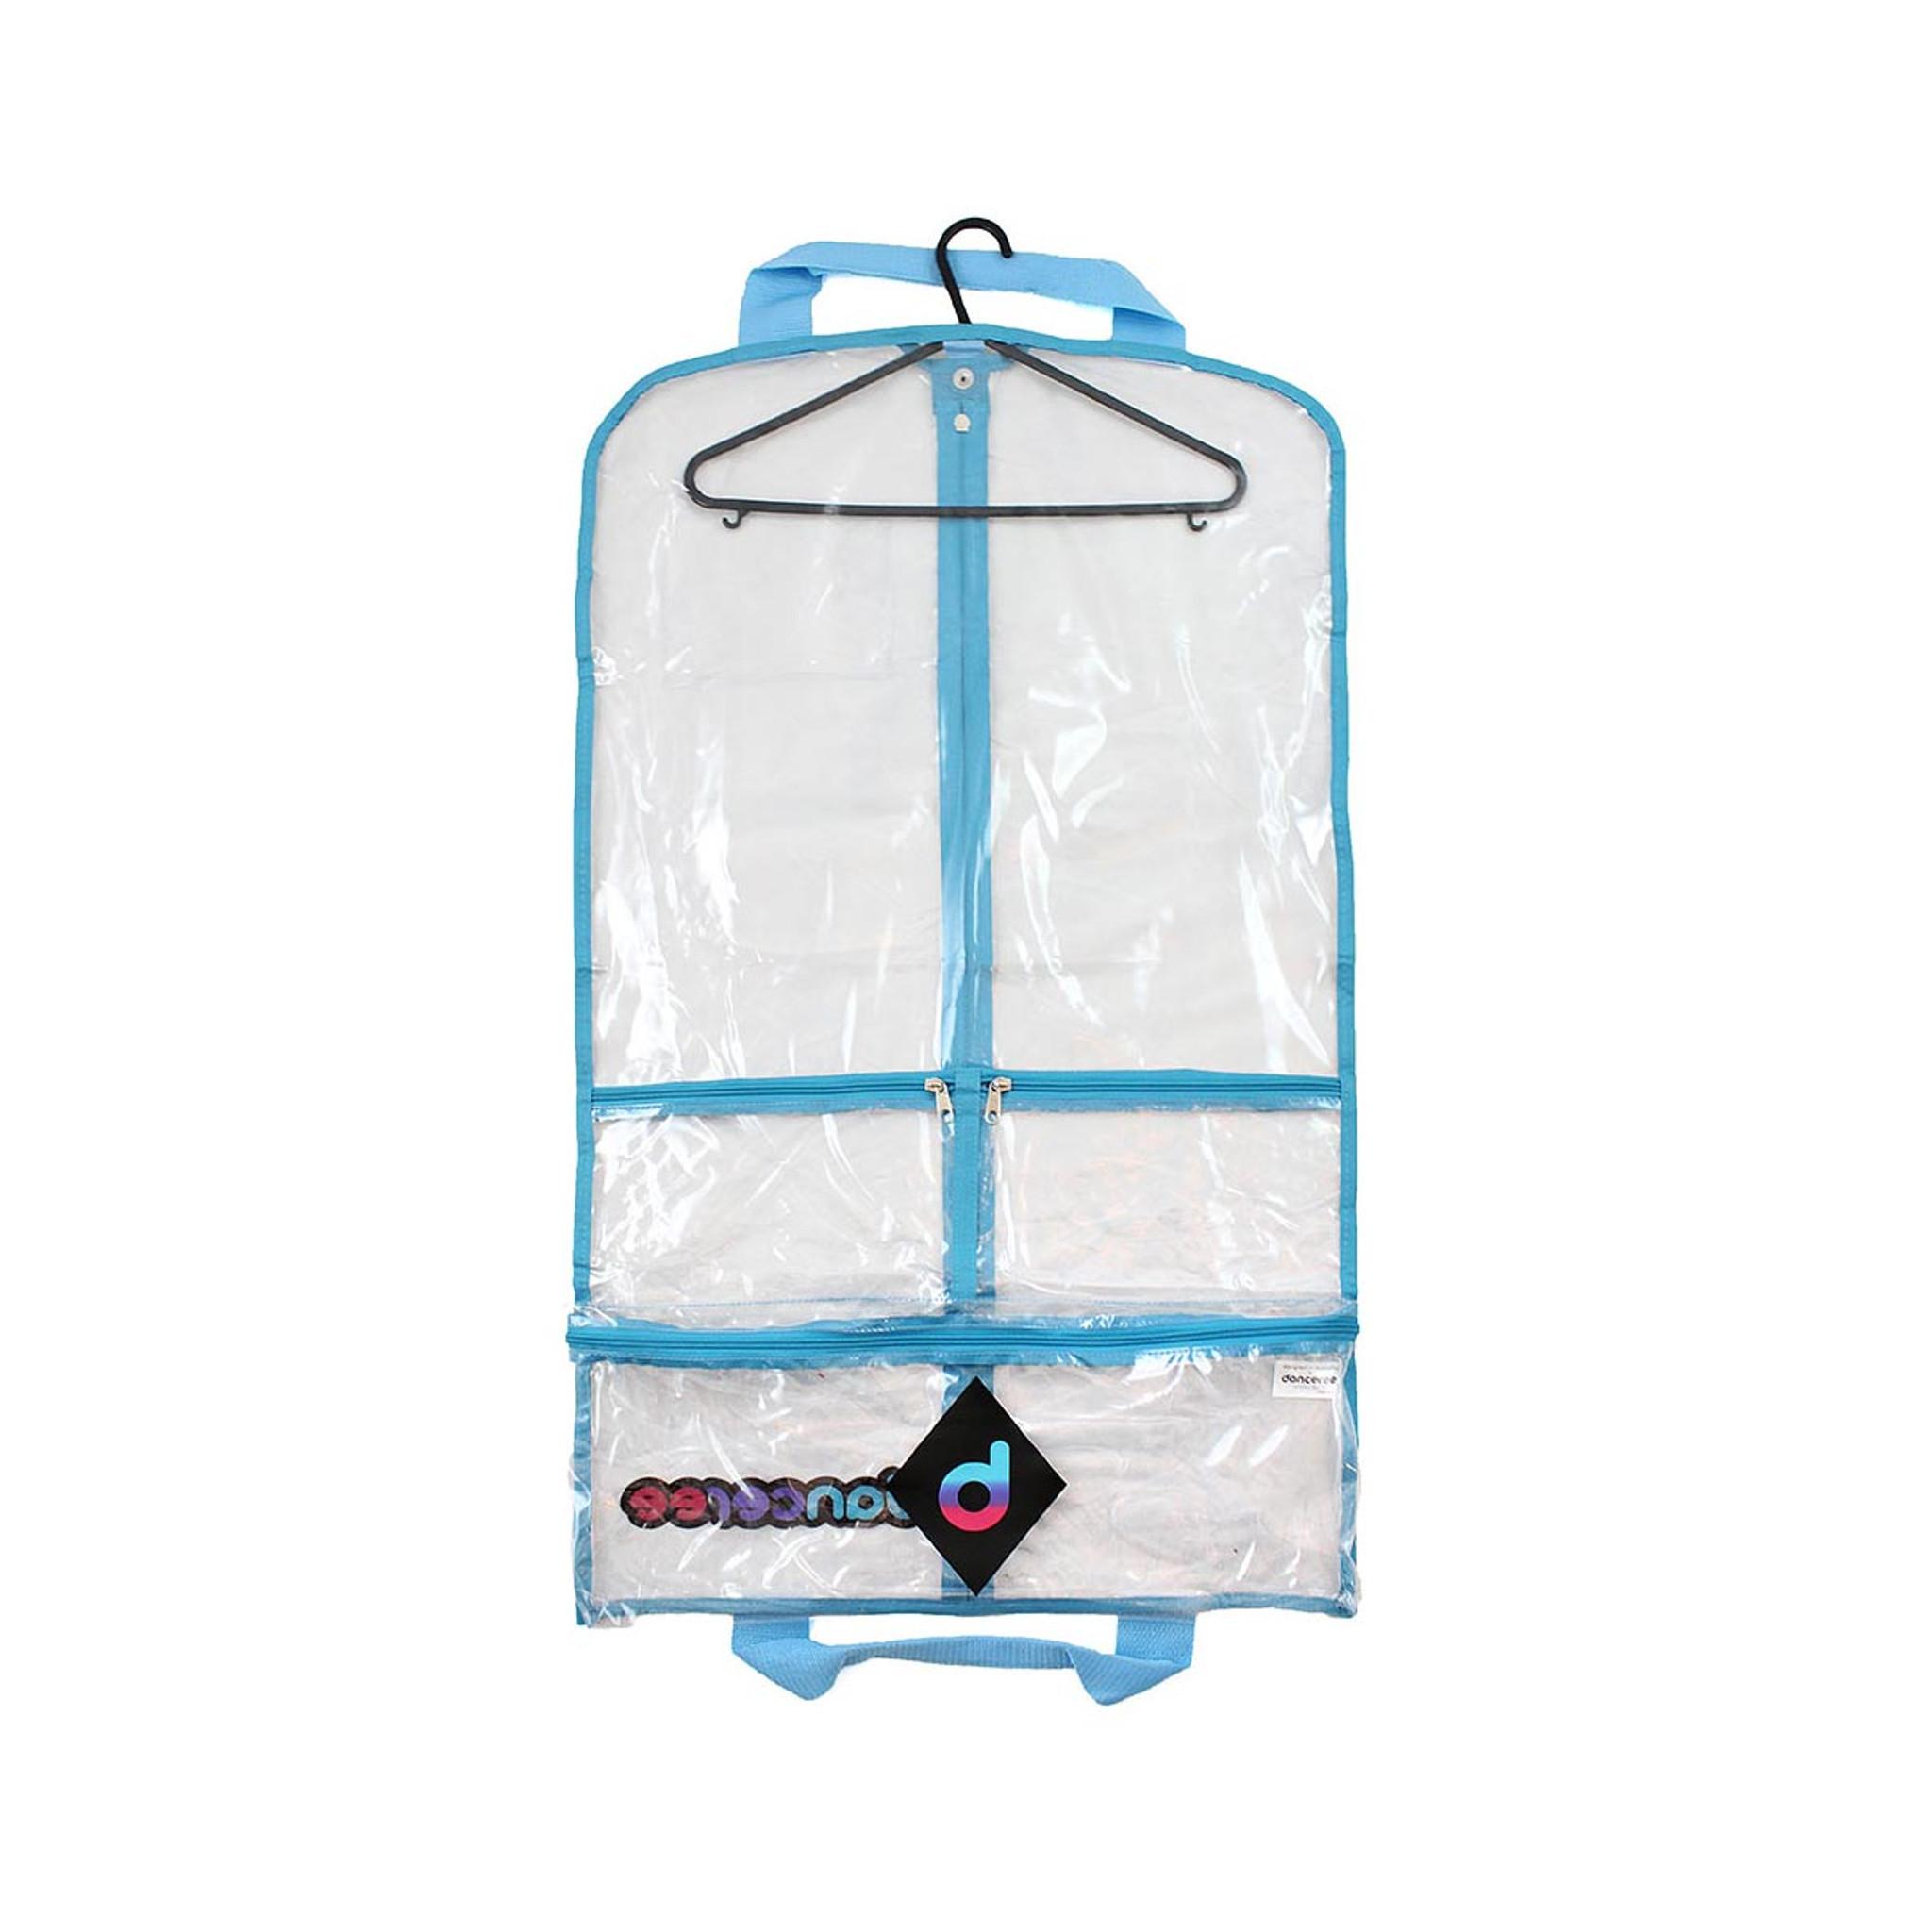 Danceree Costume Bag Standard - Dancewear Garment Bag